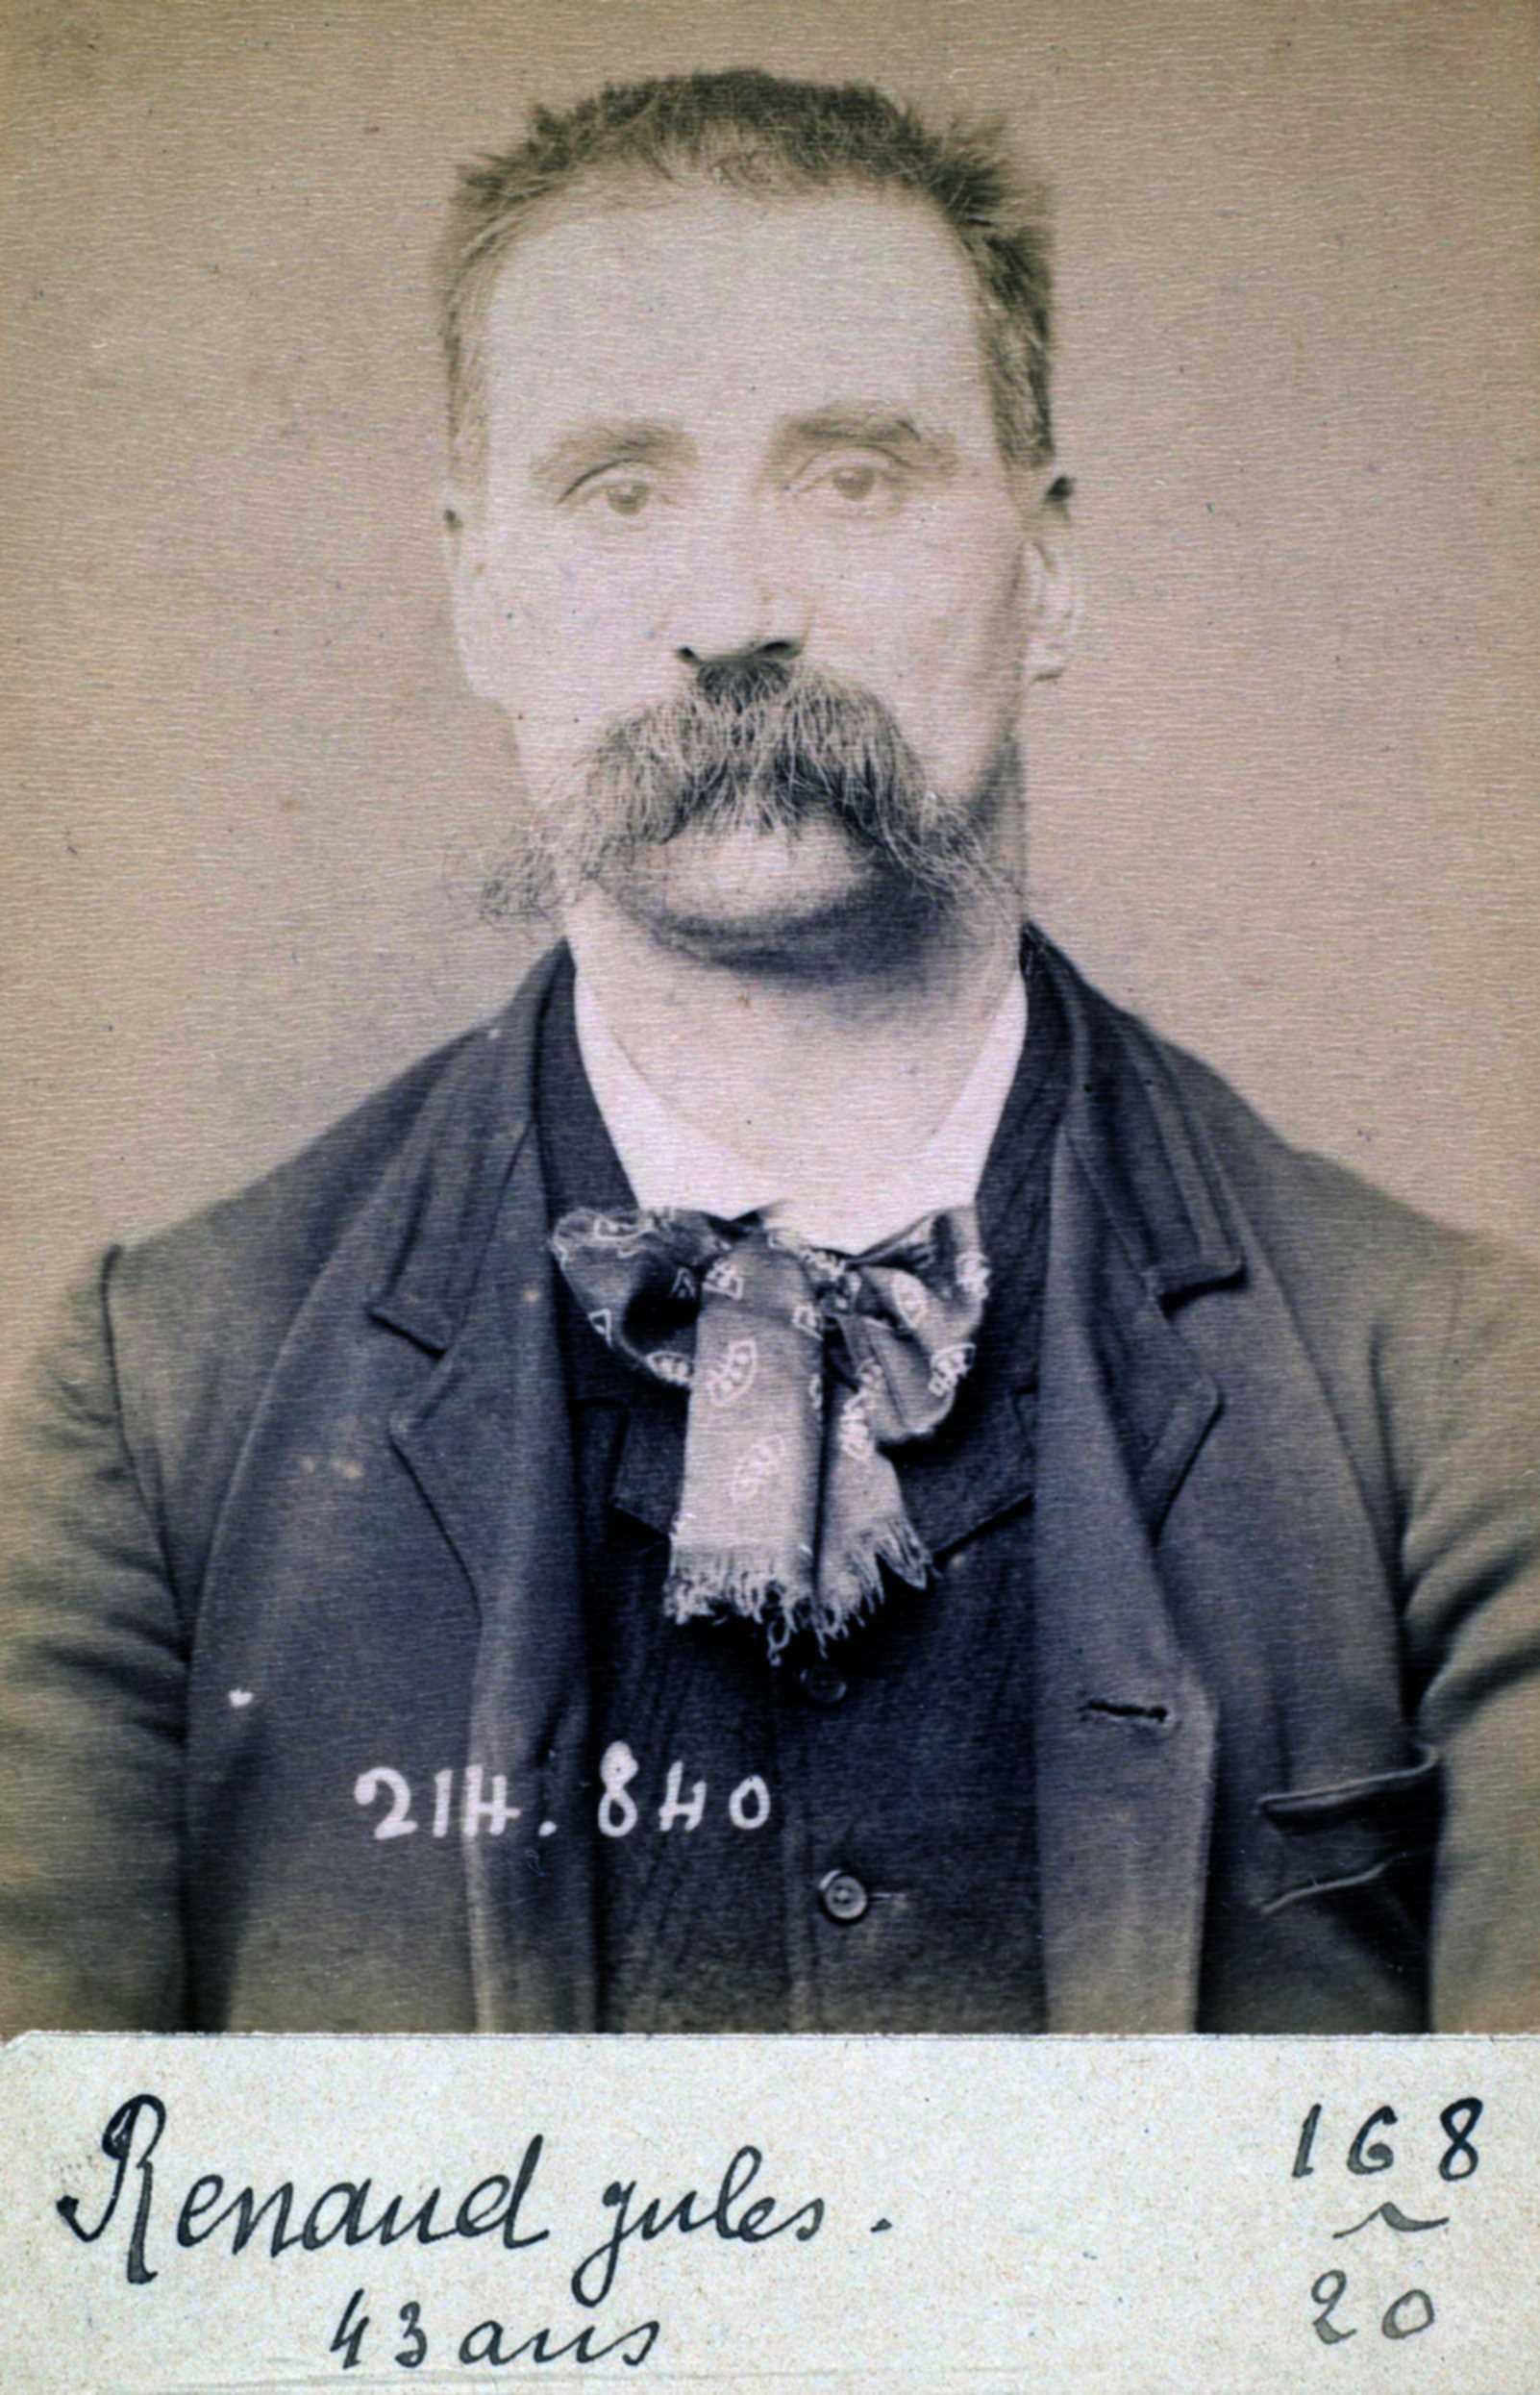 Foto policíaca de Jules Renaud (27 de febrer de 1894)